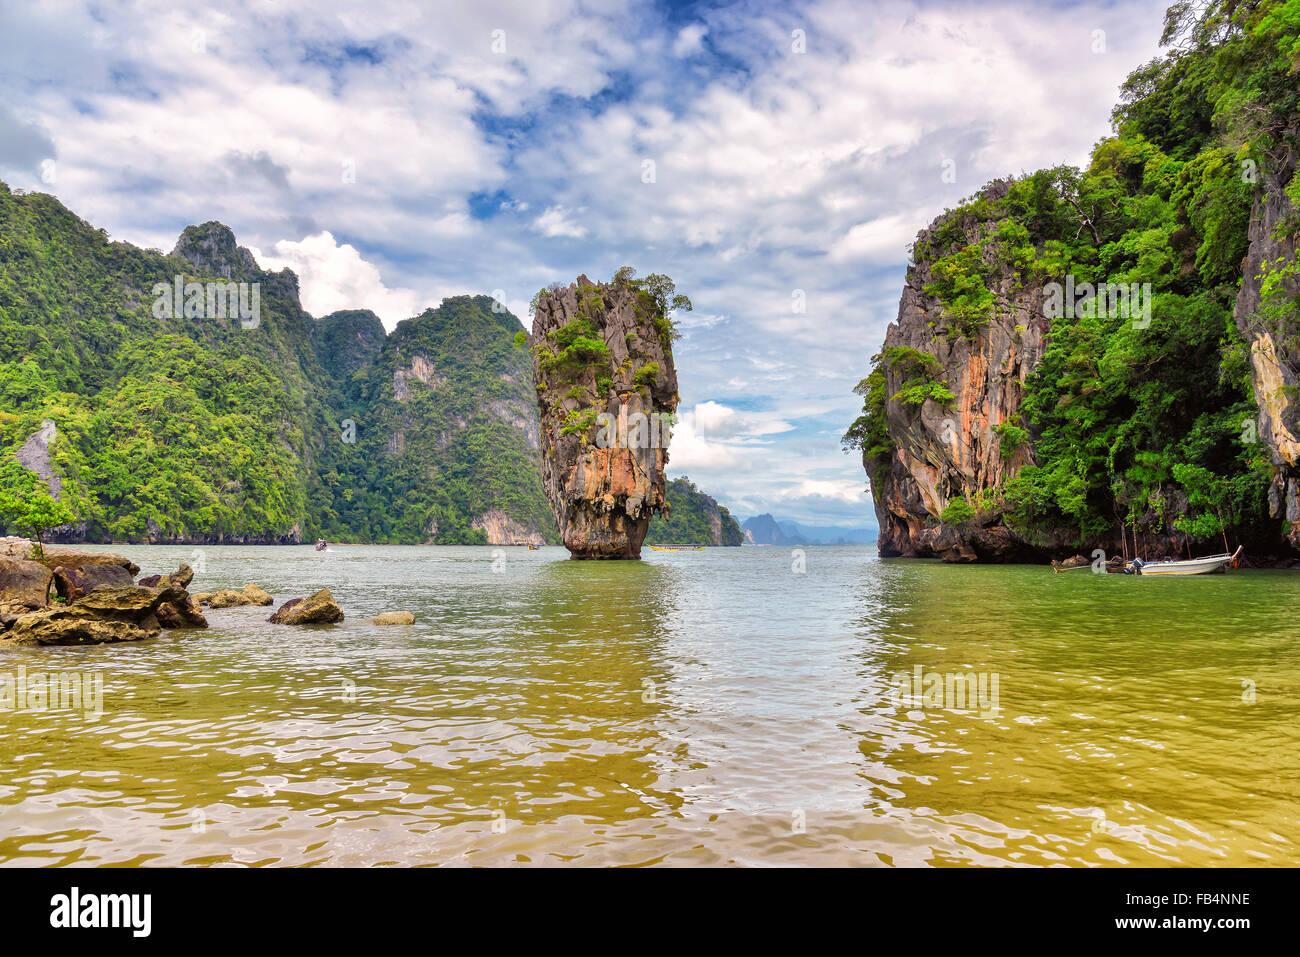 Sur nice île tropicale dans l'environnement d'été Photo Stock